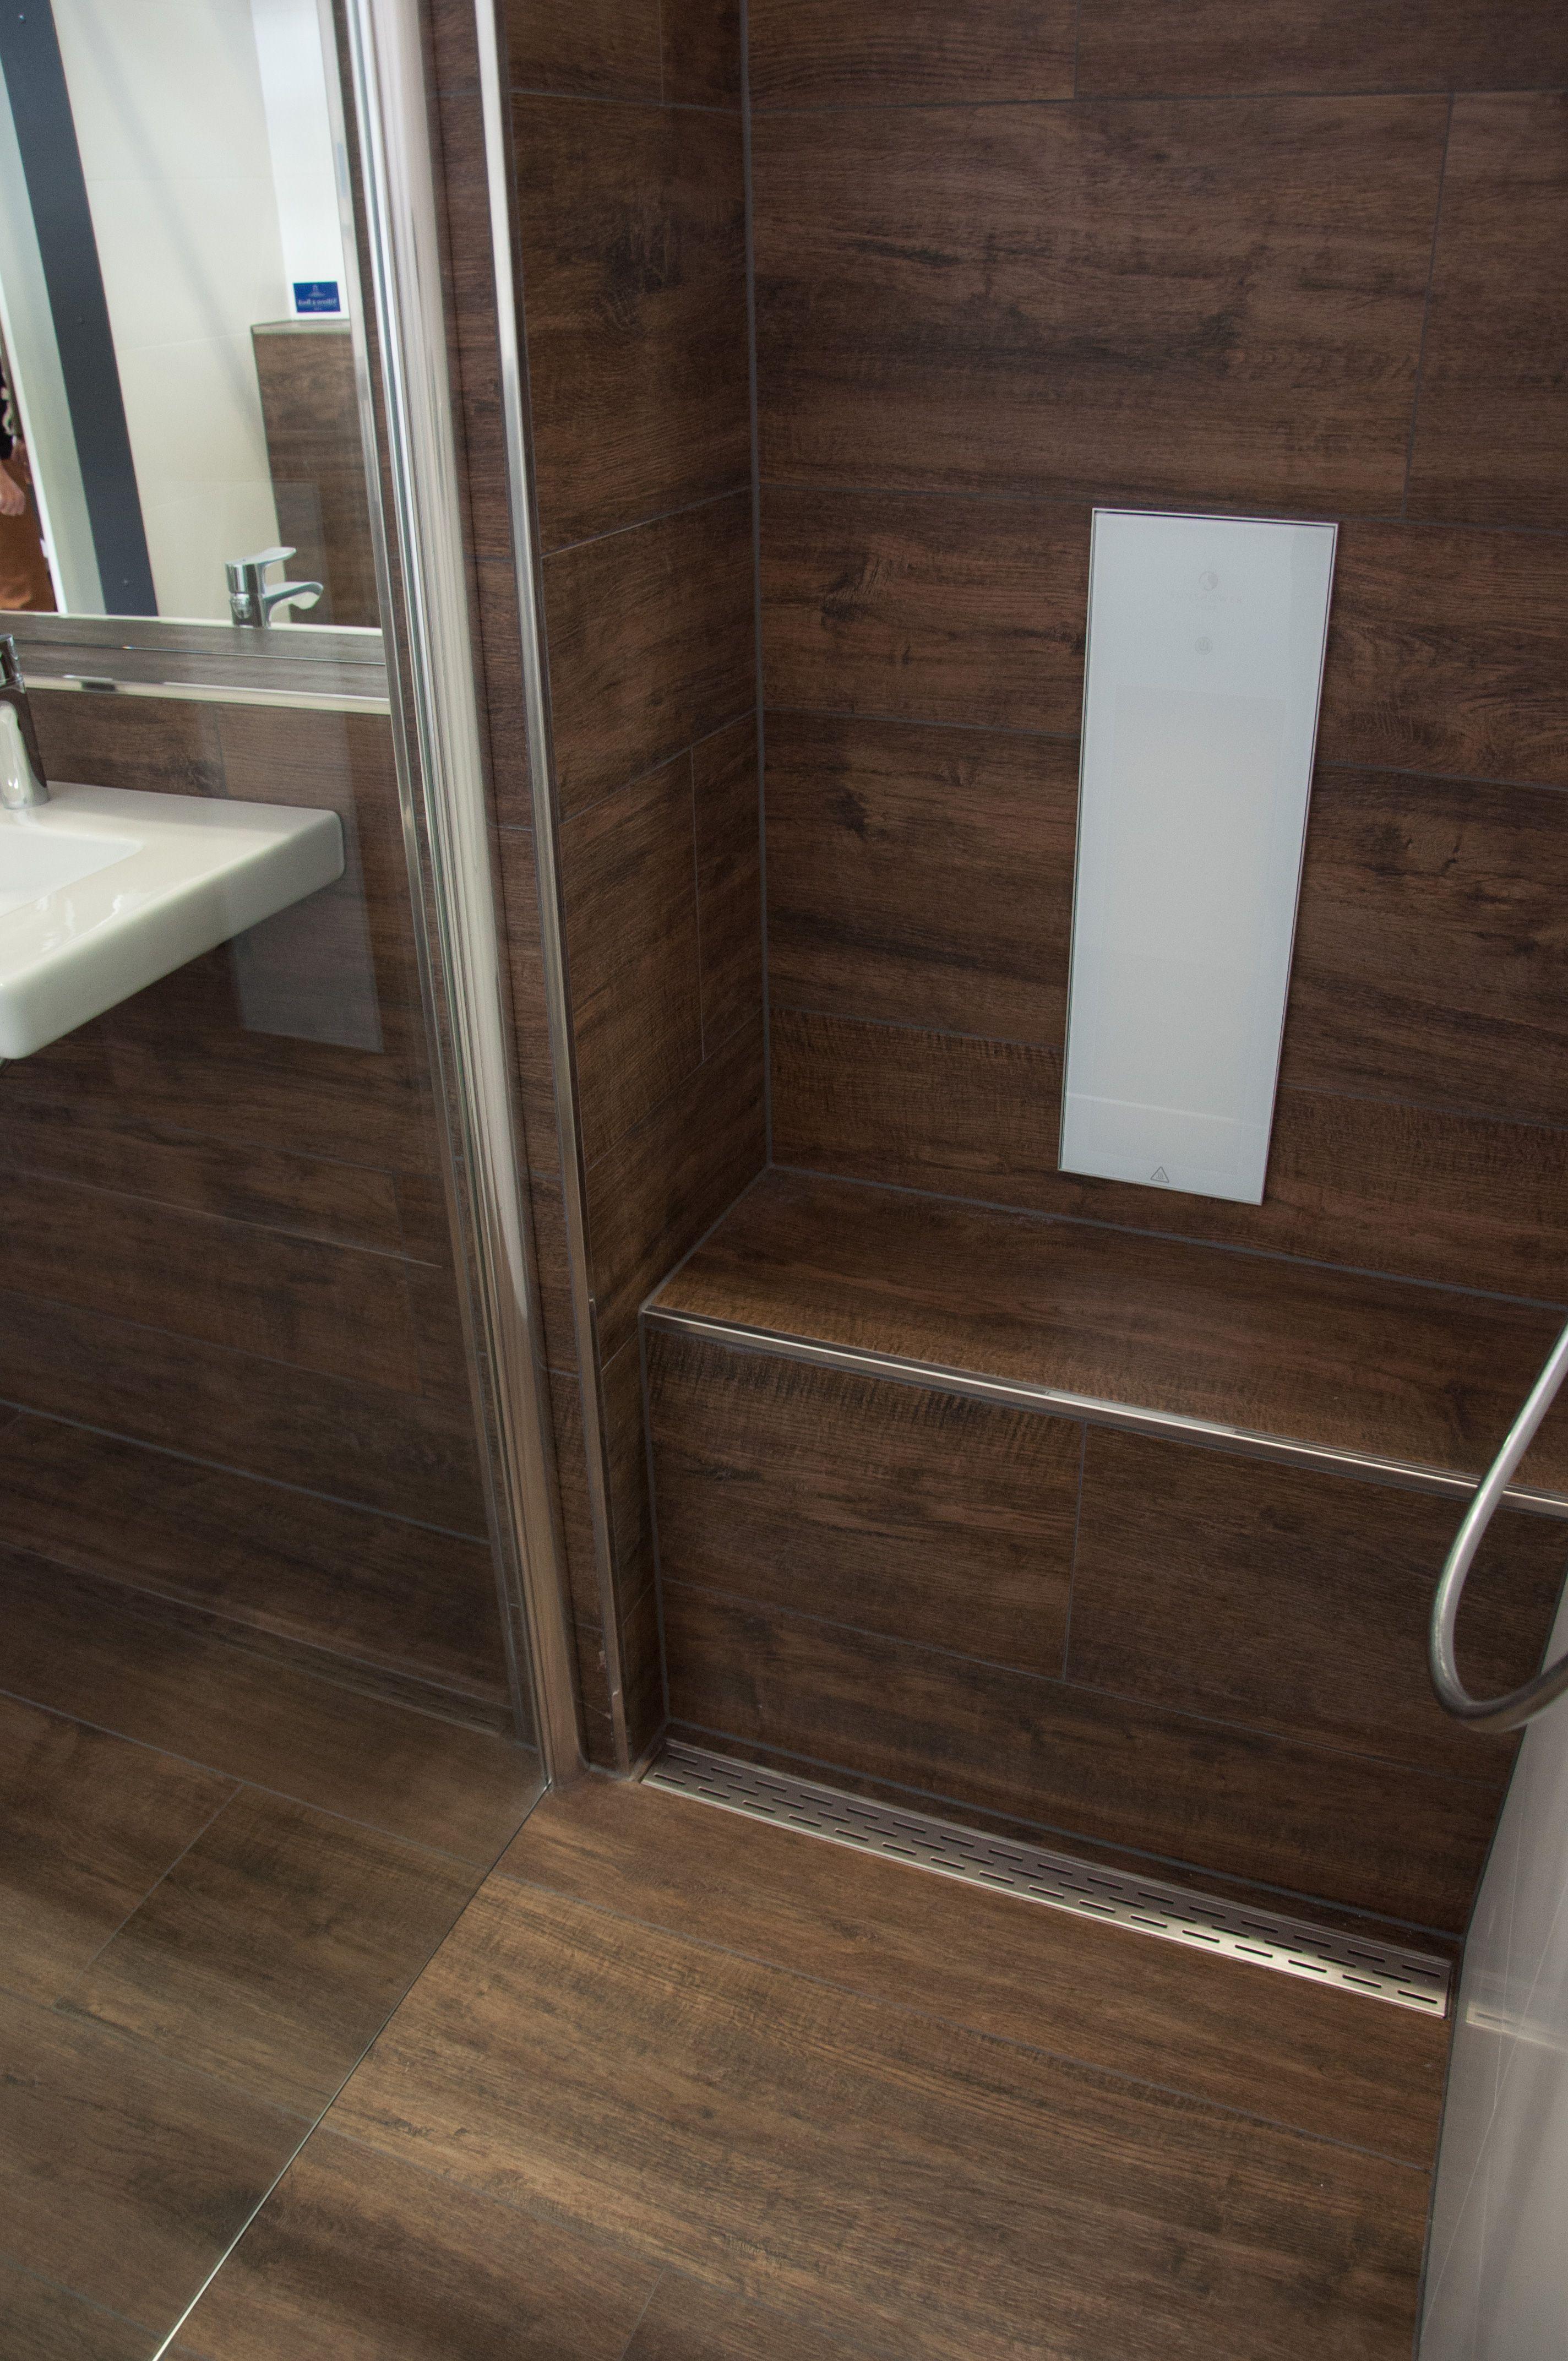 dusche sitzbank aus fliesen in holzoptik. bodenebene dusche mit ... - Sitzbank Für Badezimmer